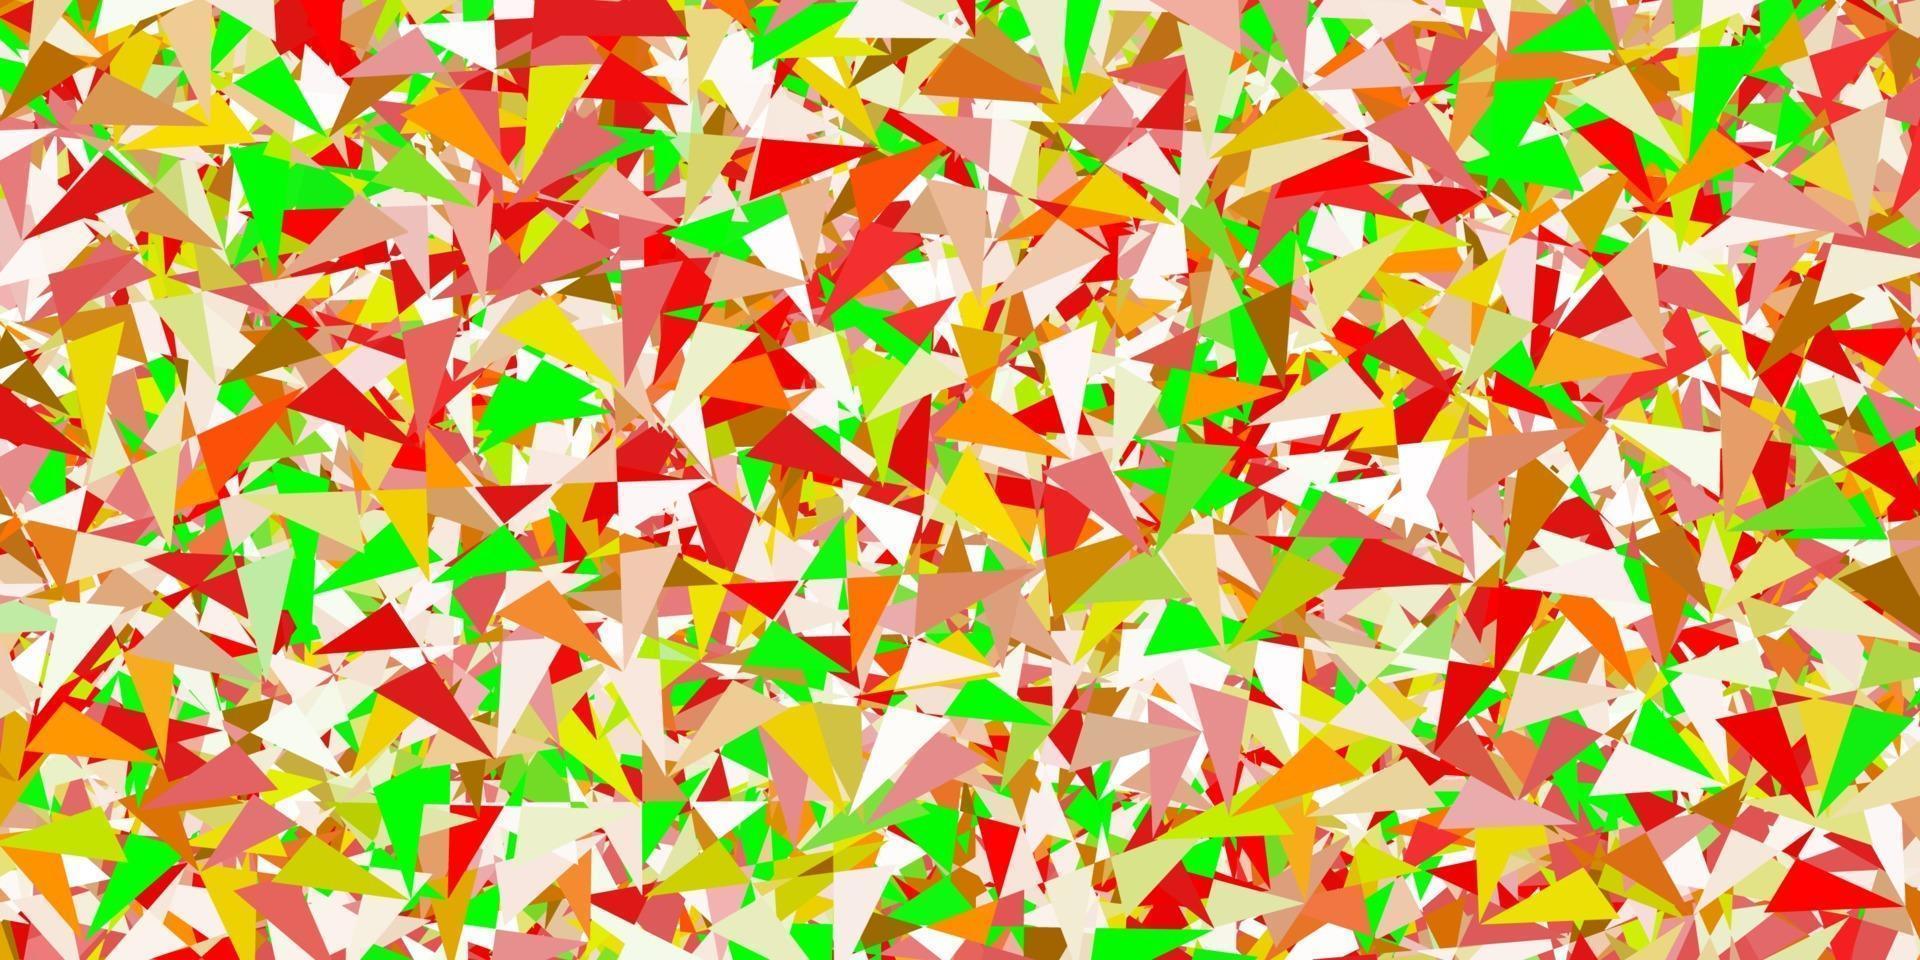 sfondo vettoriale verde chiaro, rosso con triangoli, linee.